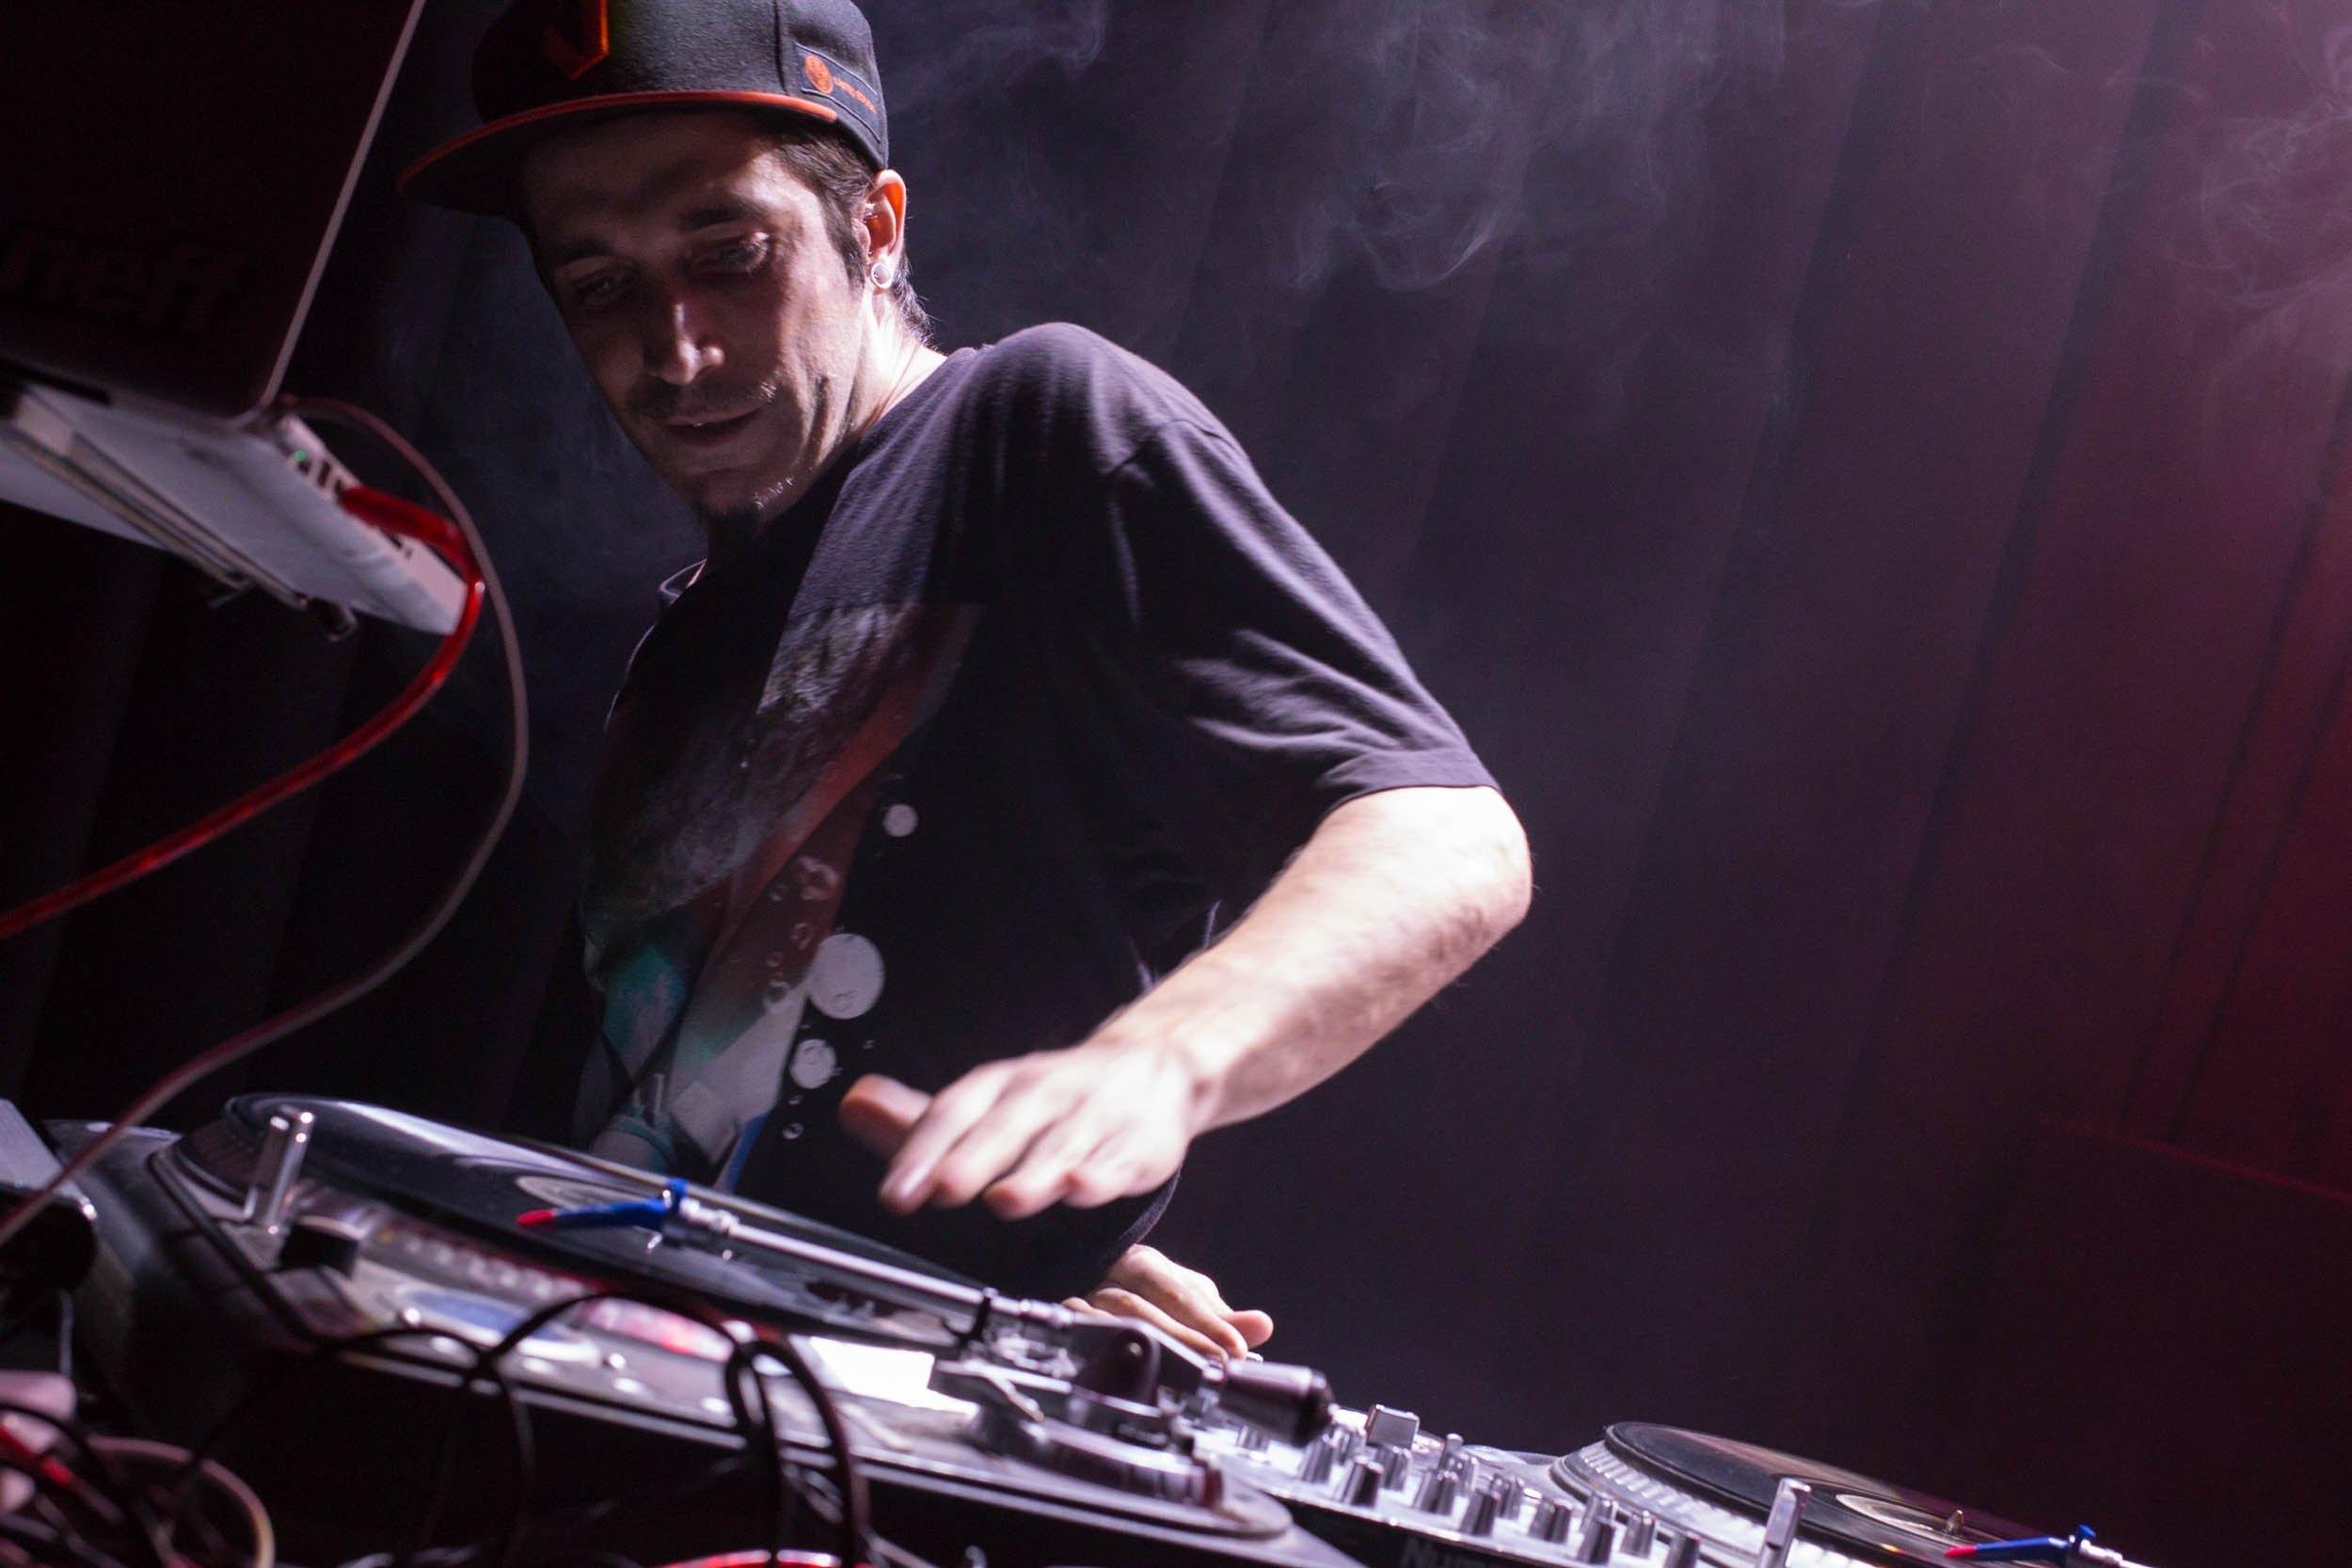 DJ Orozko